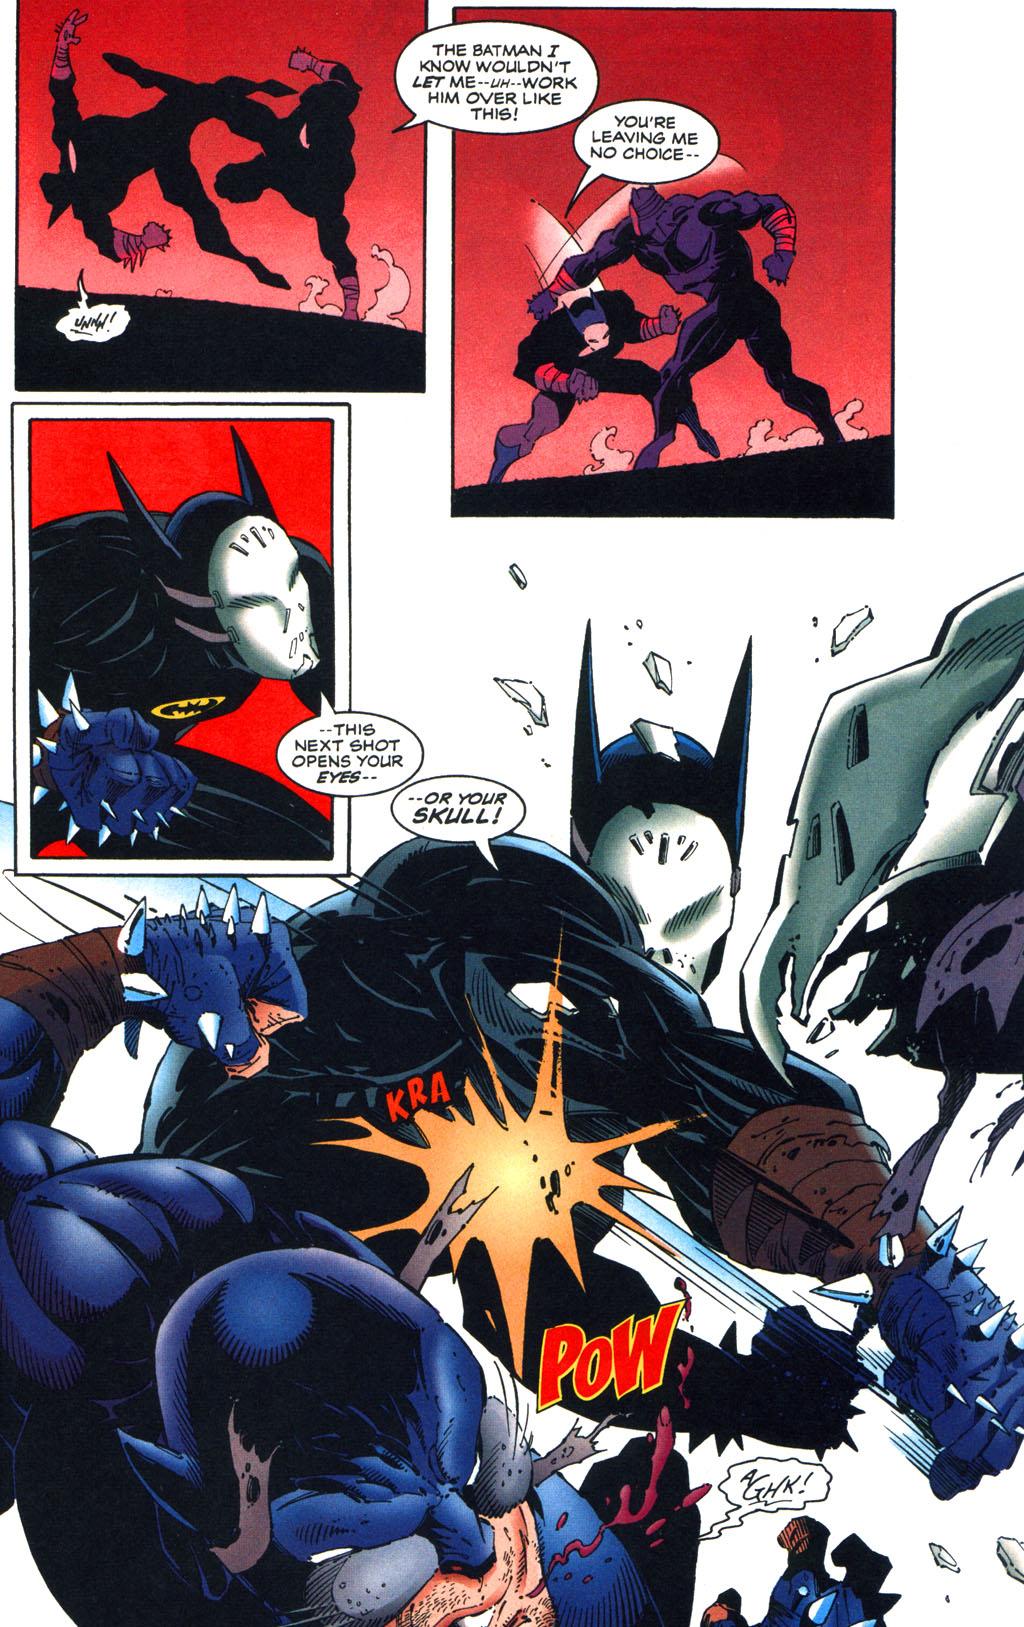 Read online Batman/Wildcat comic -  Issue #3 - 7